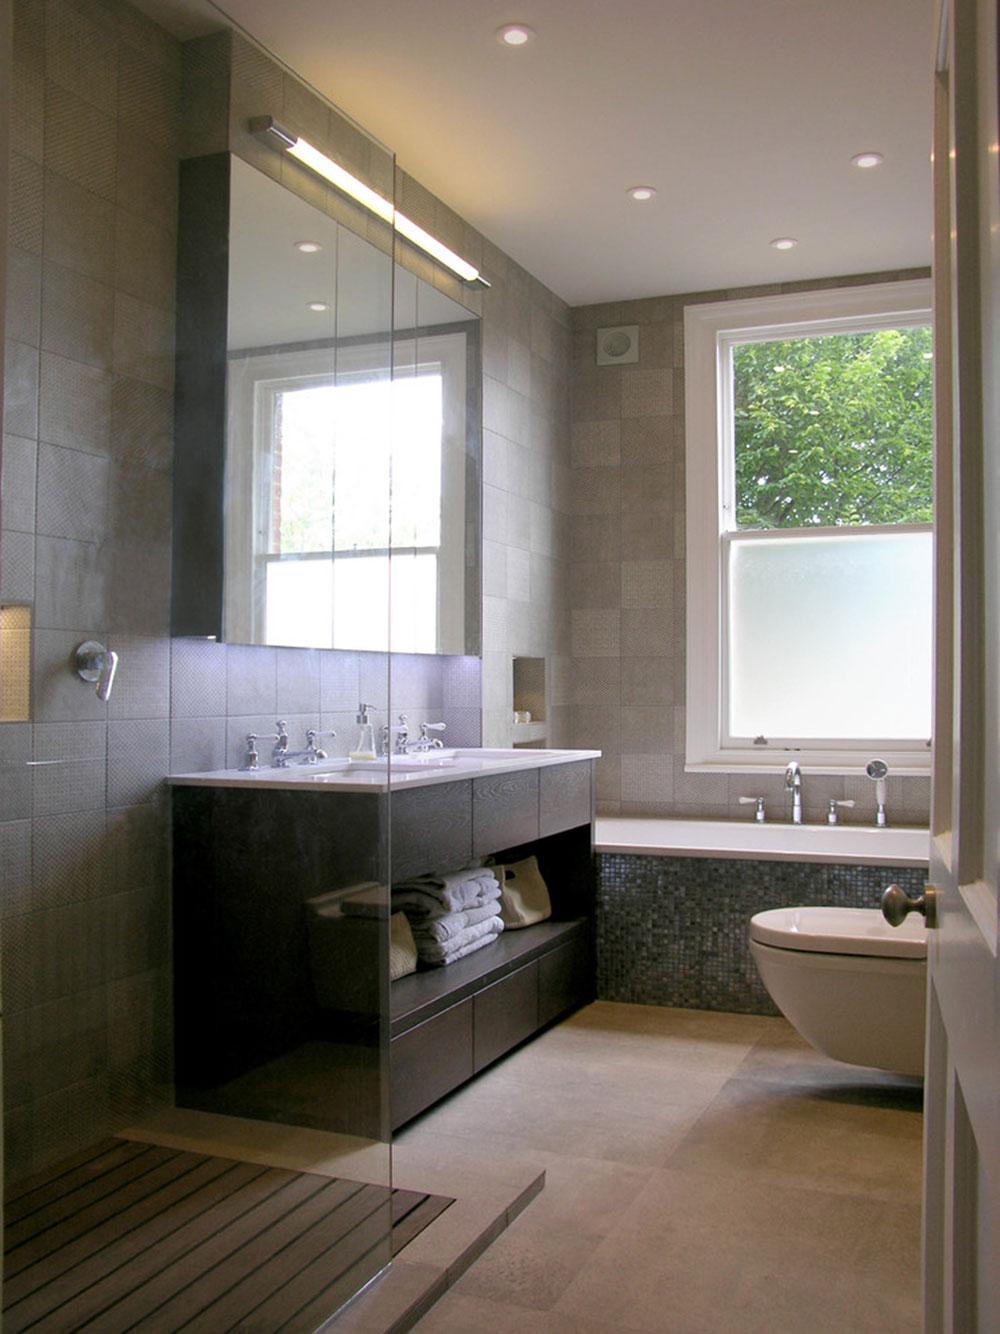 Grå-badrum-idéer-för-avkoppling-dagar12-1 grå-badrum-design-idéer